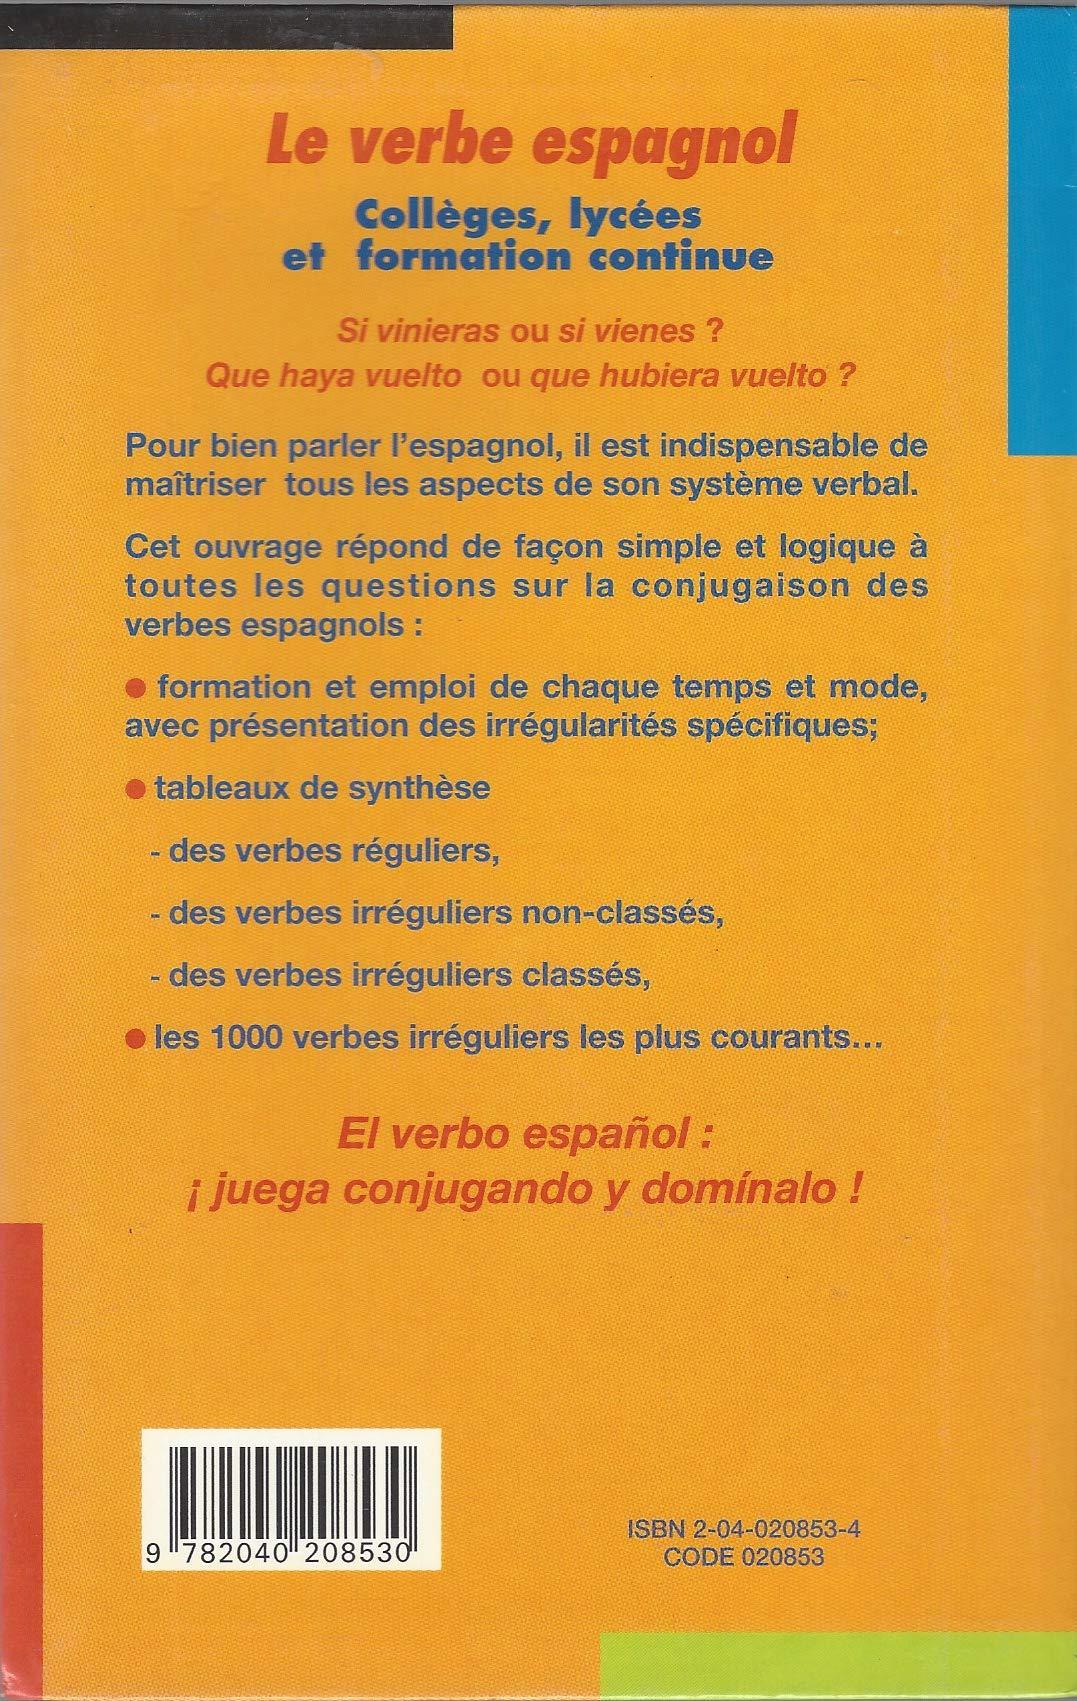 Forestier Verbe Espagnol Ancienne Edition 9782040208530 Amazon Com Books